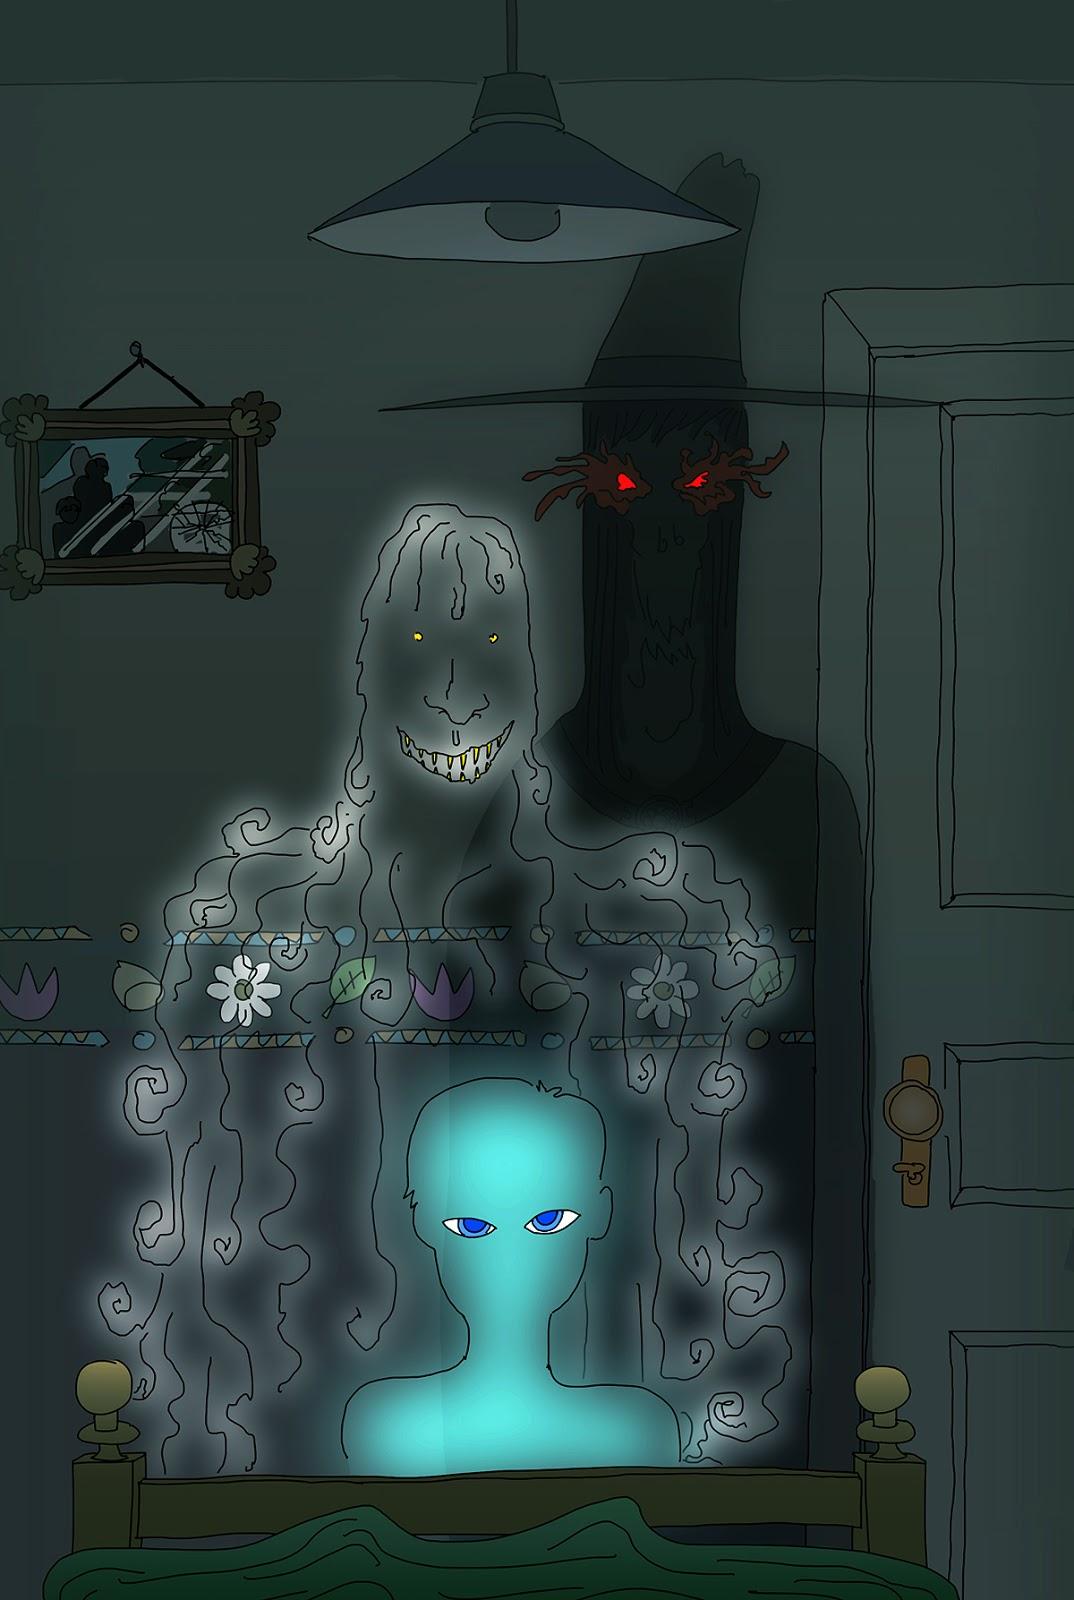 jppr+: Dibujo - Visitantes de dormitorio (28/11/2013)